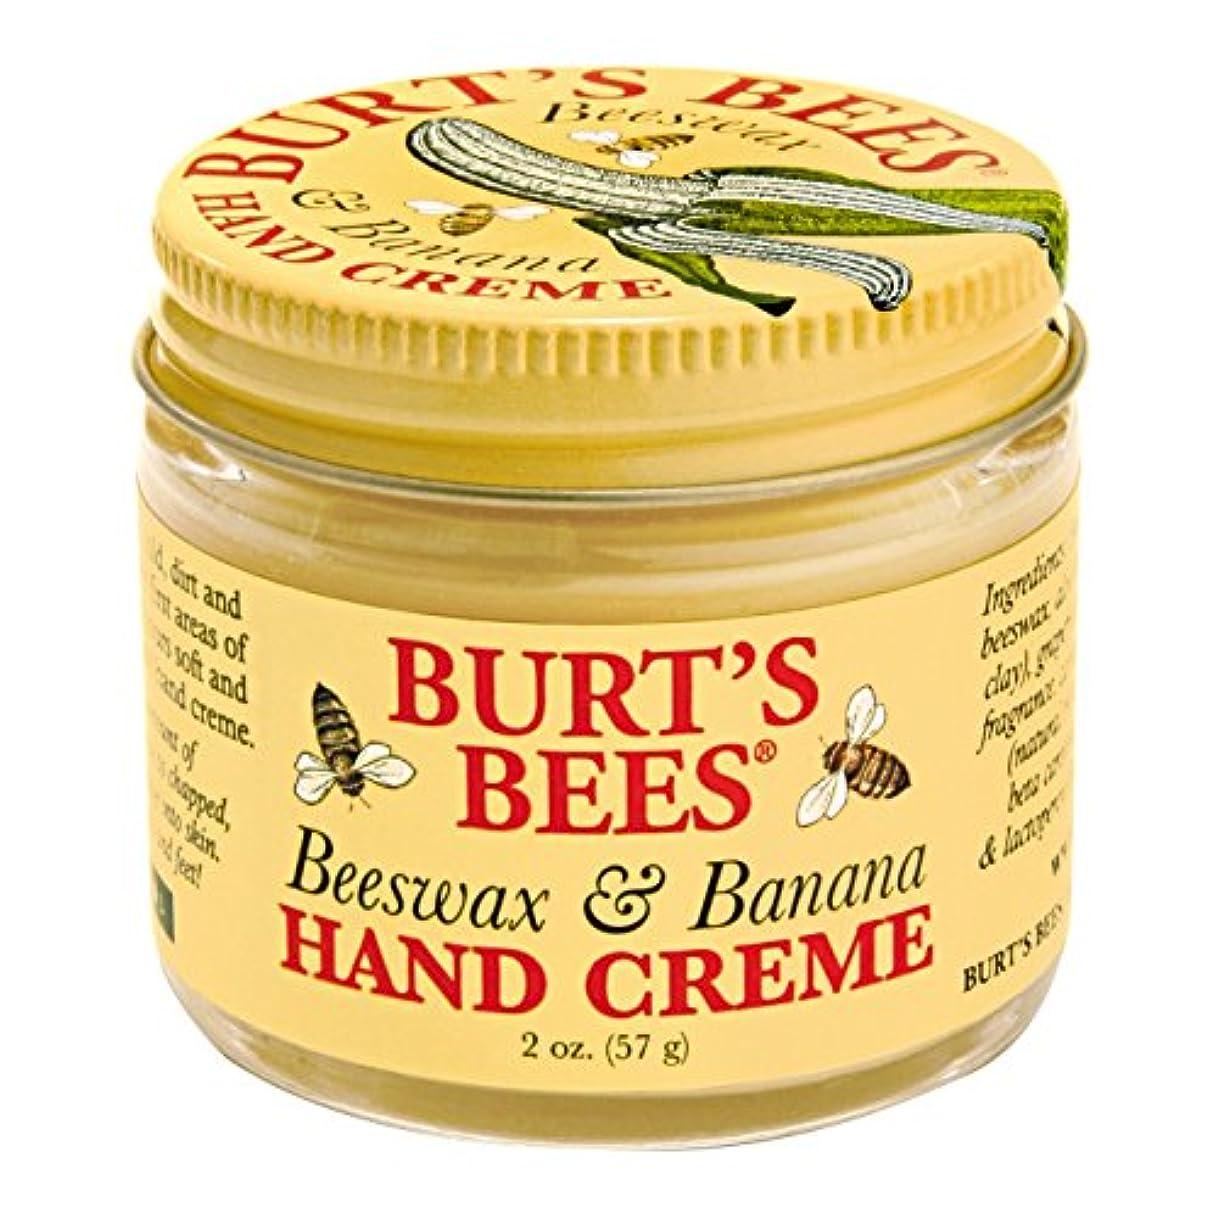 トラック一回判読できないバーツビーの蜜蝋&バナナハンドクリーム57グラム (Burt's Bees) - Burt's Bees Beeswax & Banana Hand Creme 57g [並行輸入品]